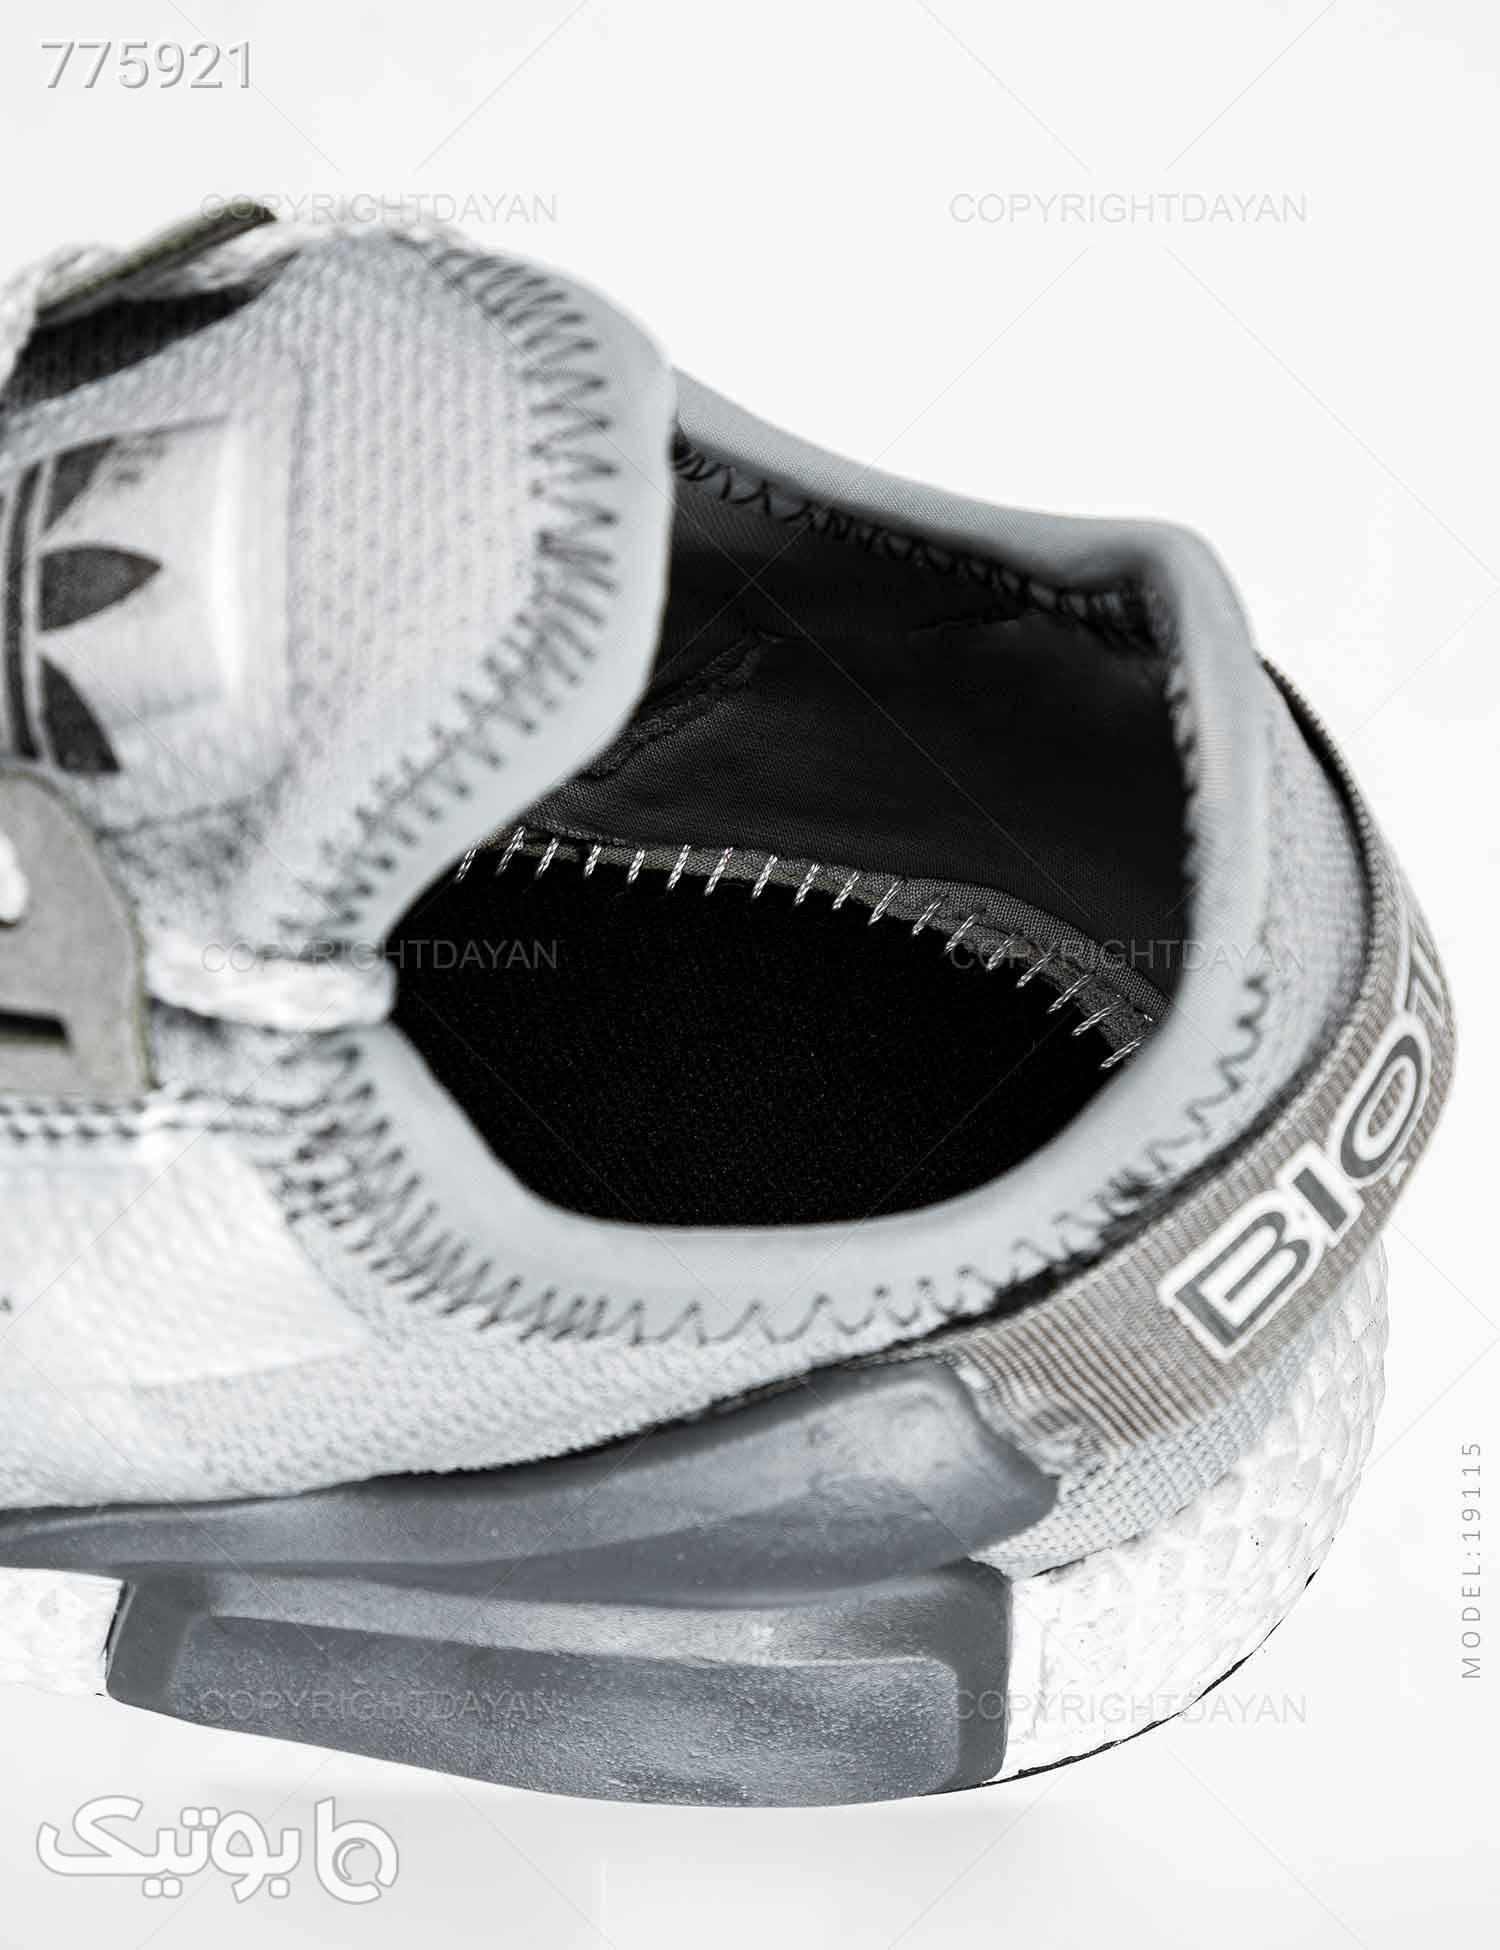 کفش مردانه Adidas مدل 19115 طوسی كتانی مردانه